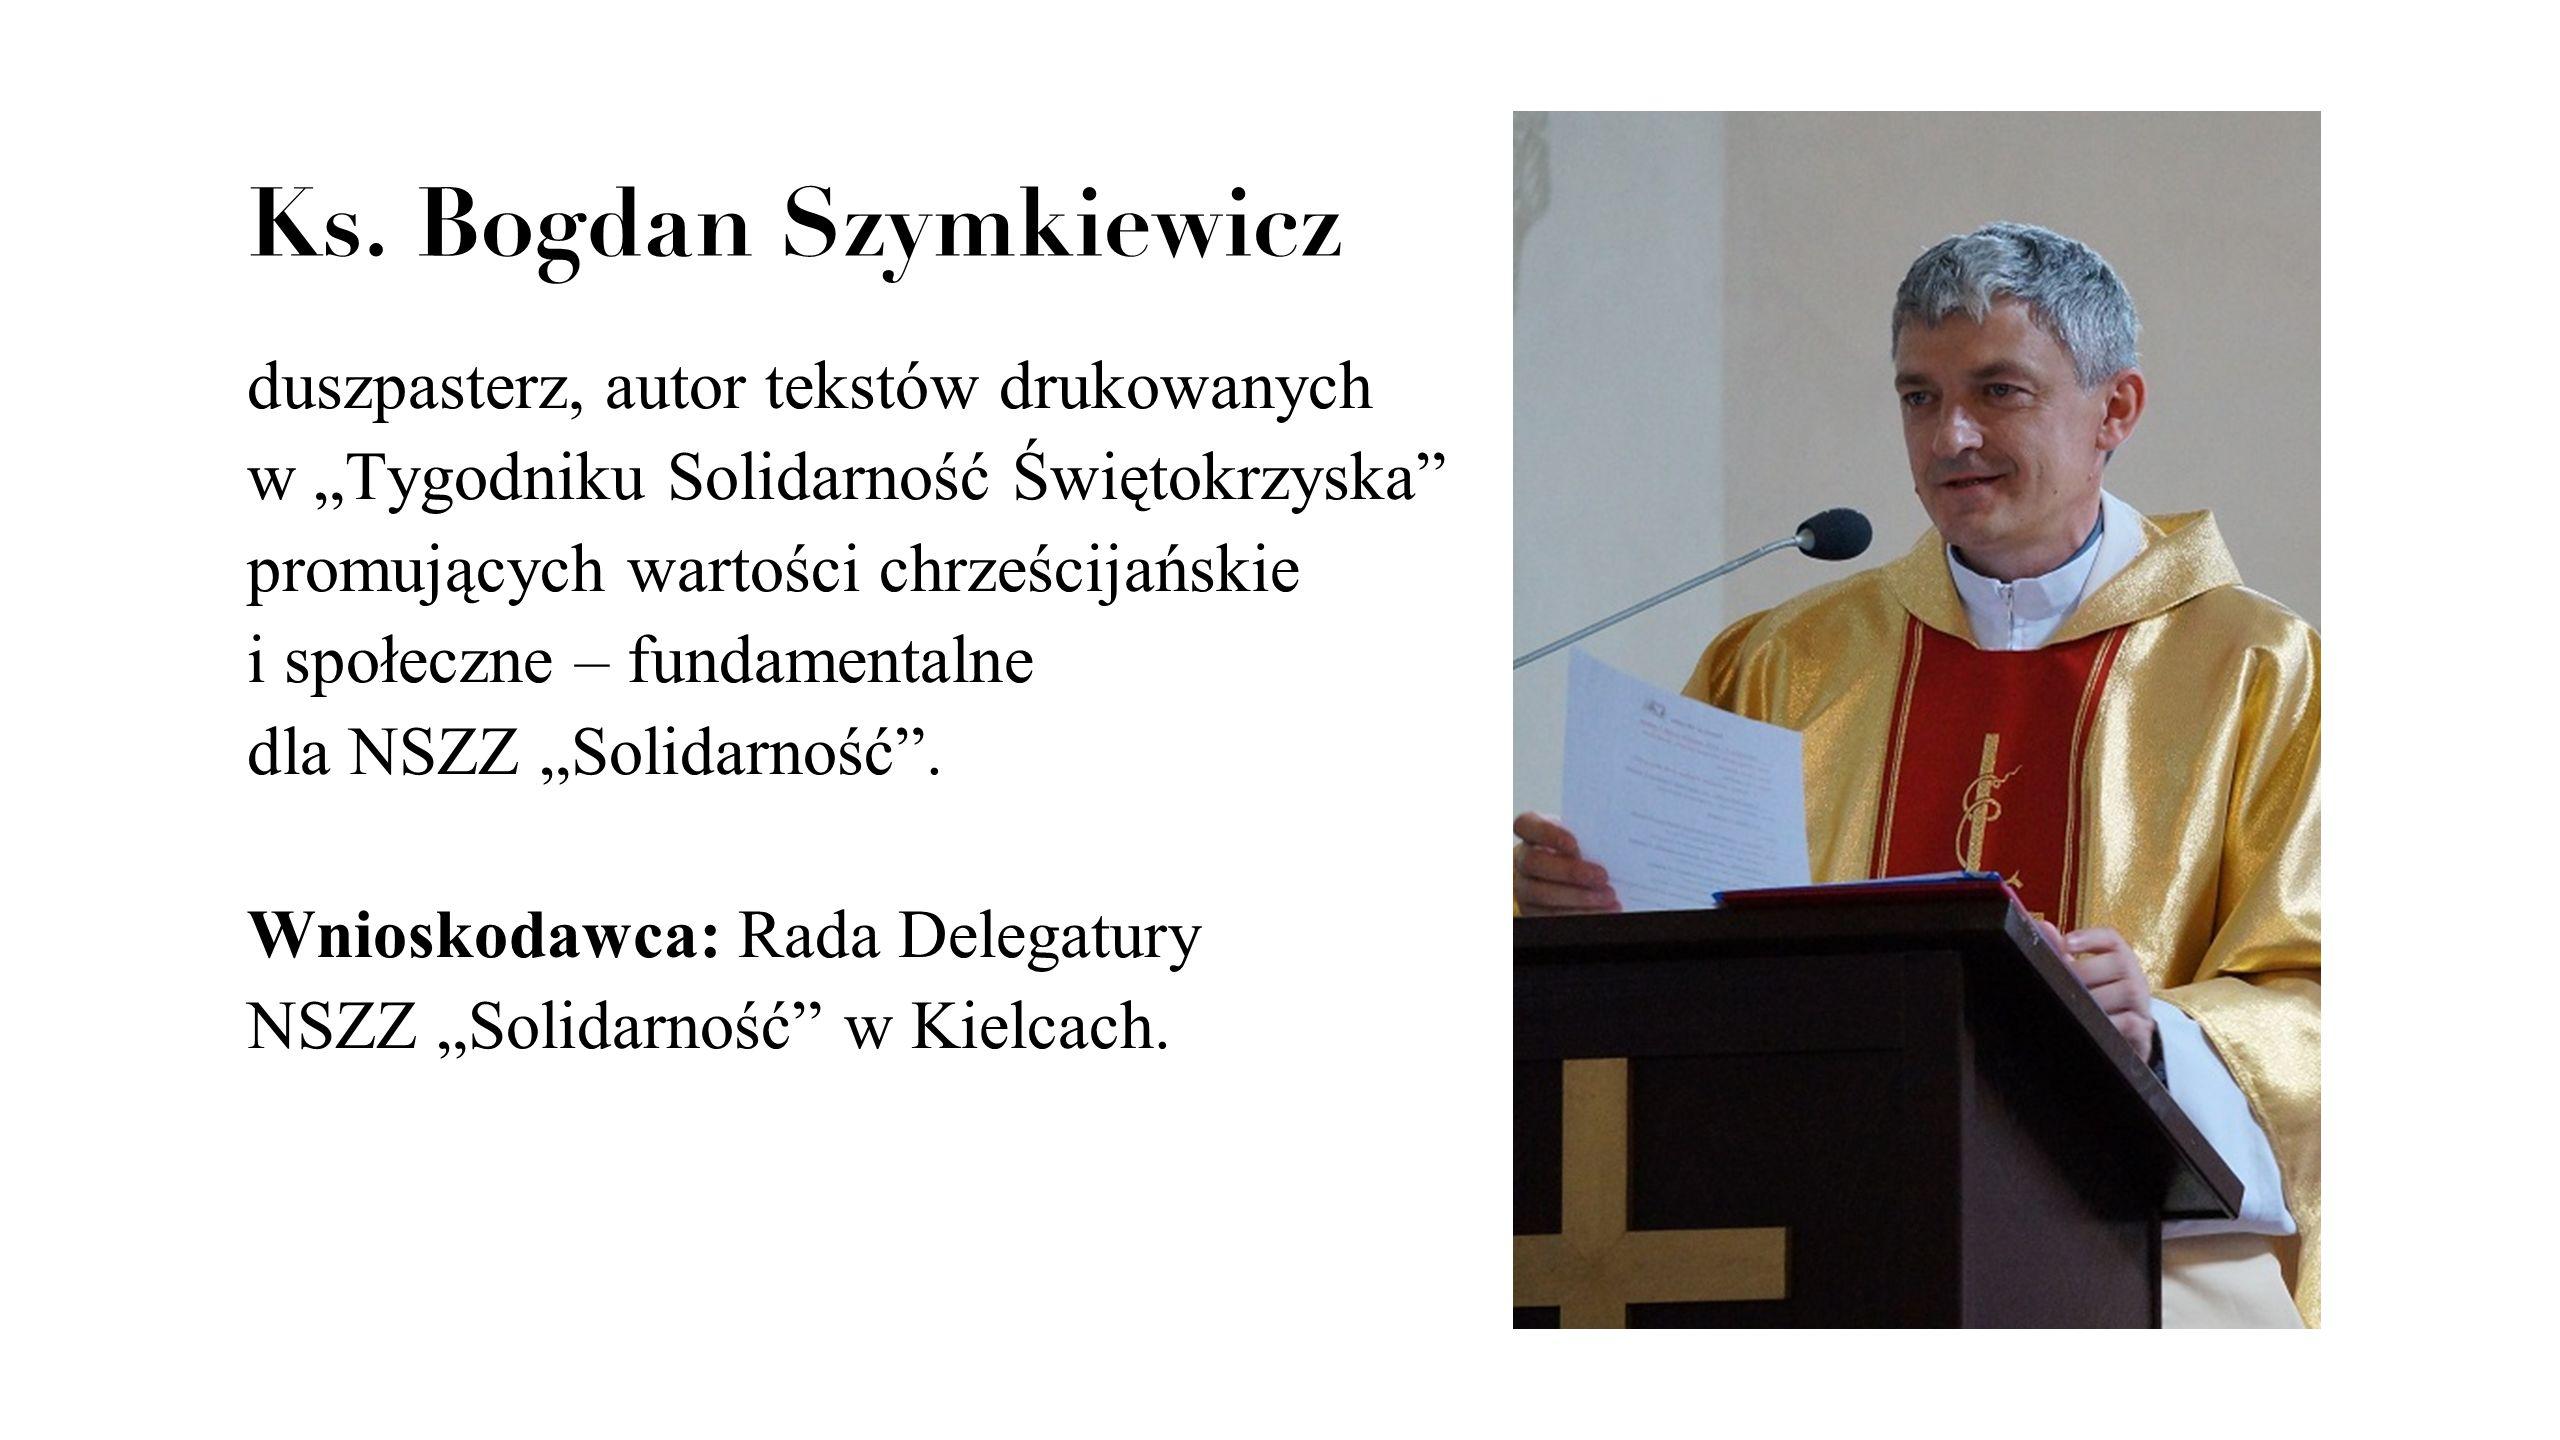 Ks. Bogdan Szymkiewicz